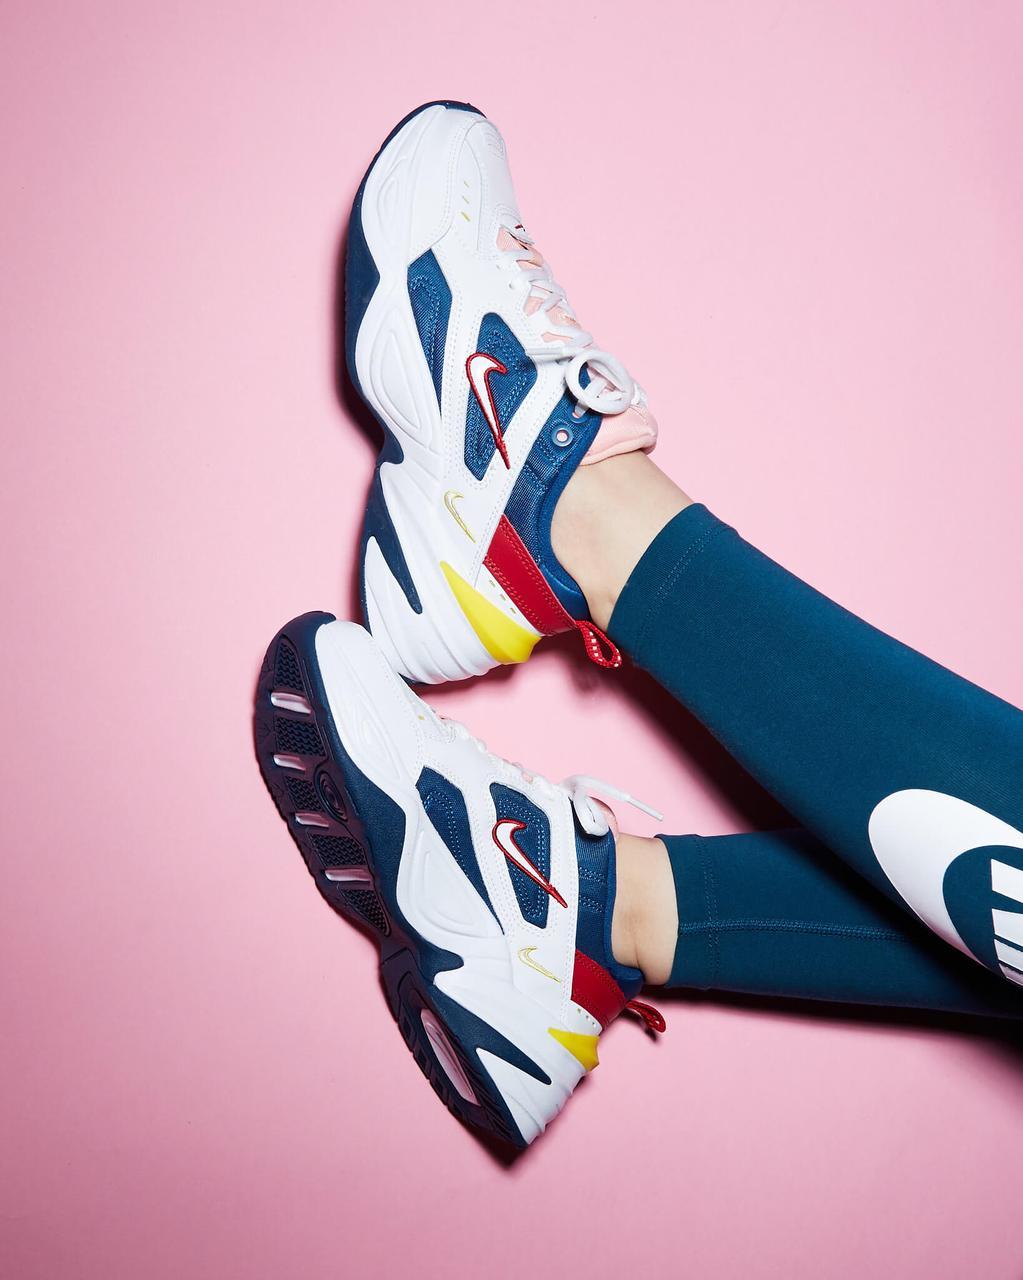 Жіночі кросівки Nike Tekno M2K в стилі найк текно Білі/Сині (Репліка ААА+)